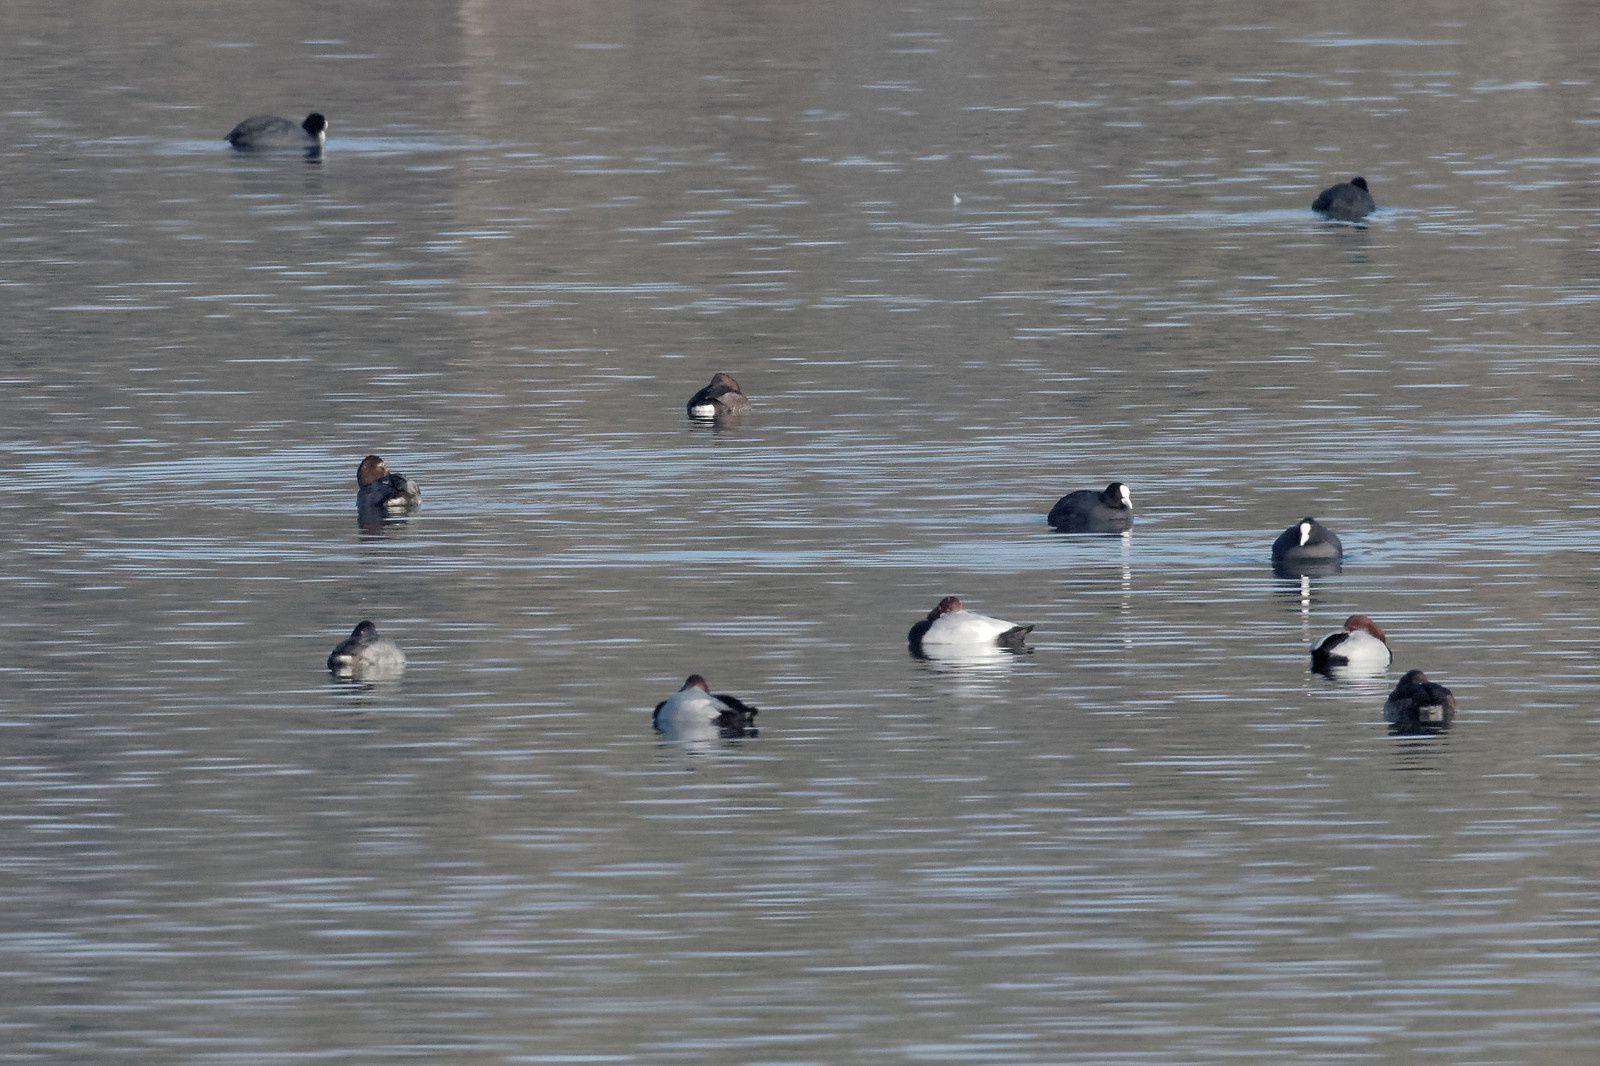 277 - Seine et Marne : 77 étendues d'eau pour accueillir de belles espèces ! : 17/12/2016